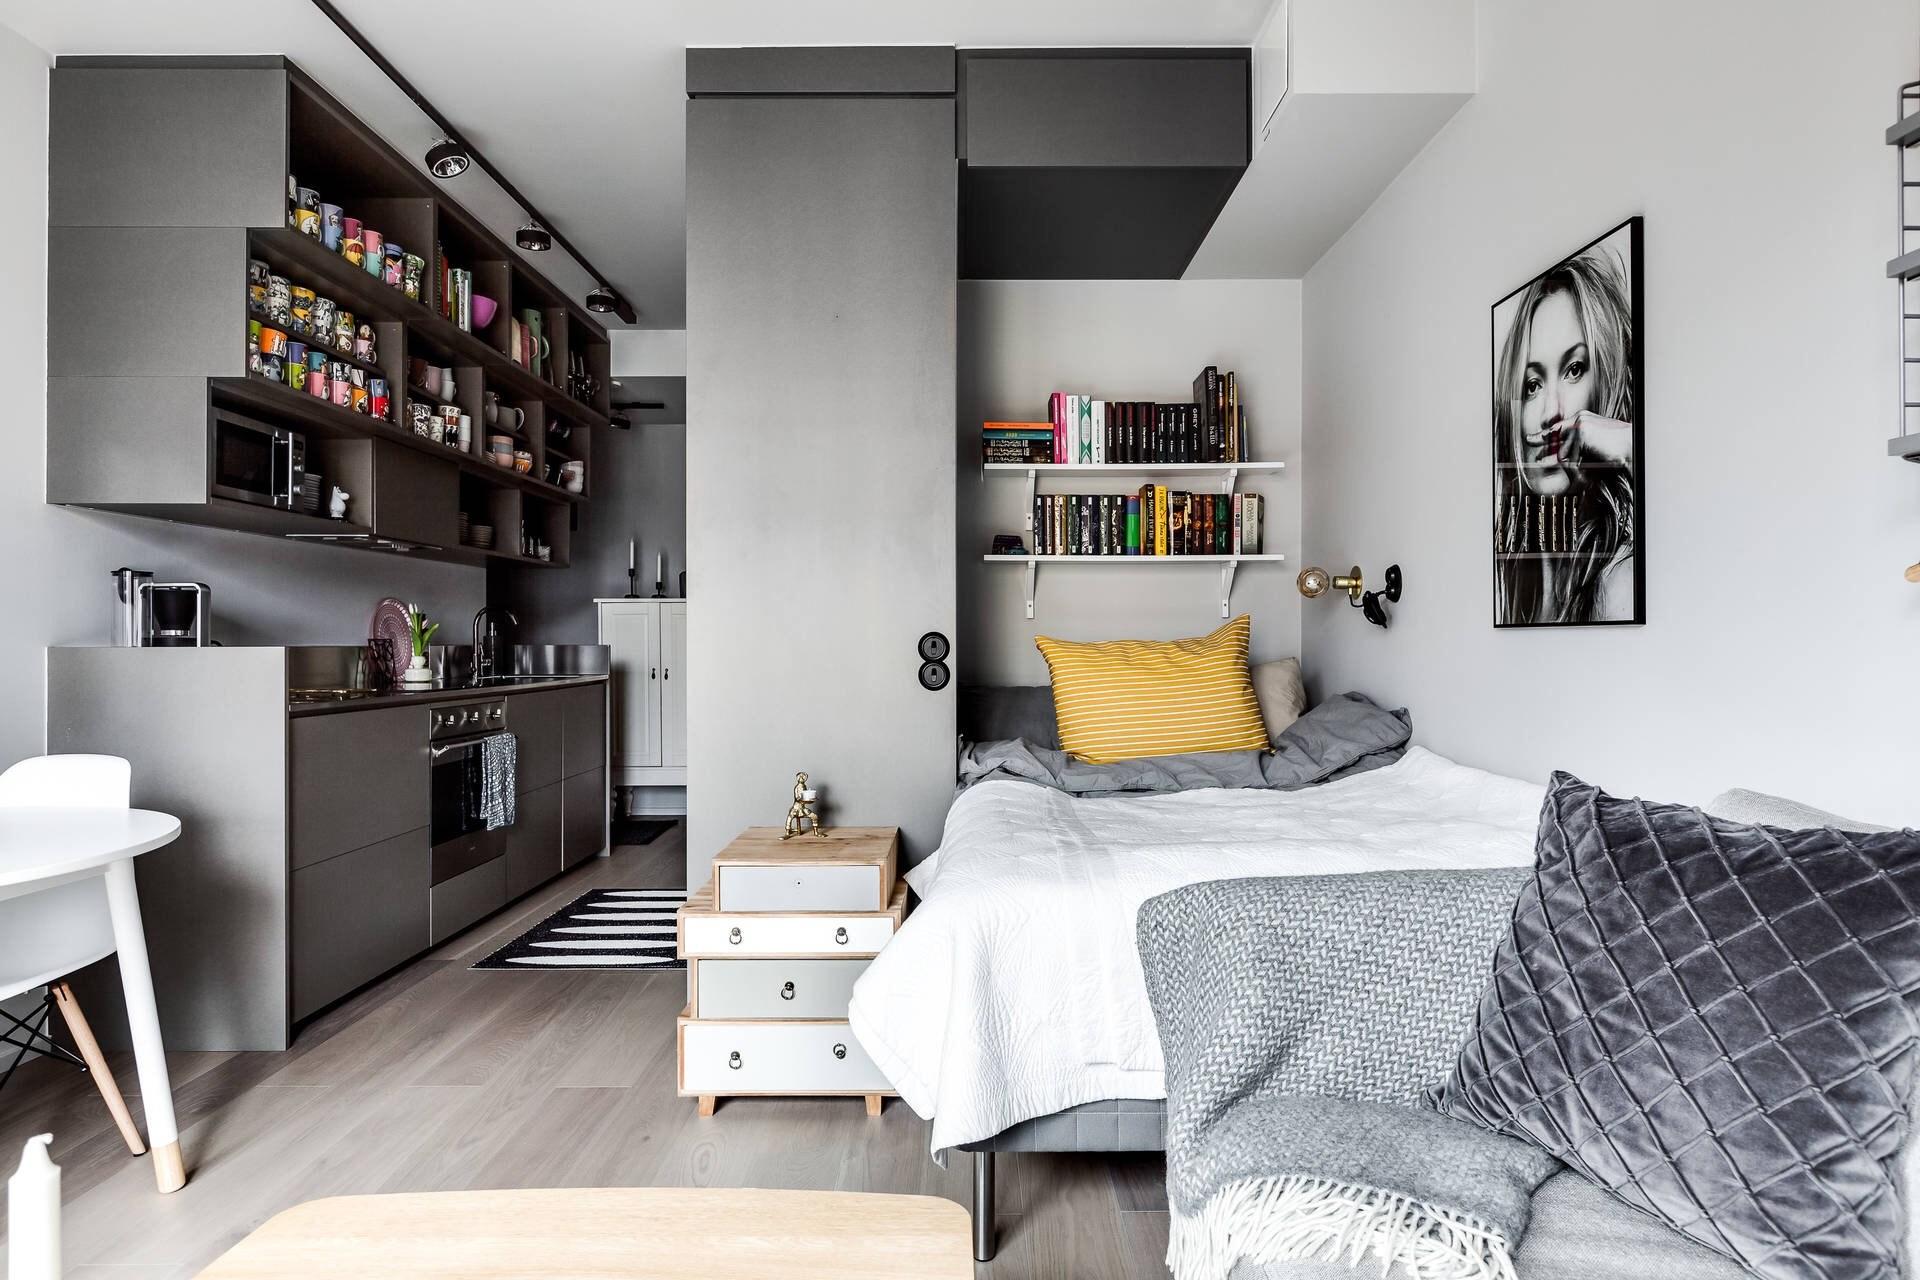 Desain Apartemen Studio Minimalis Yang Nyaman Intip 9 Inspirasinya Artikel Spacestock